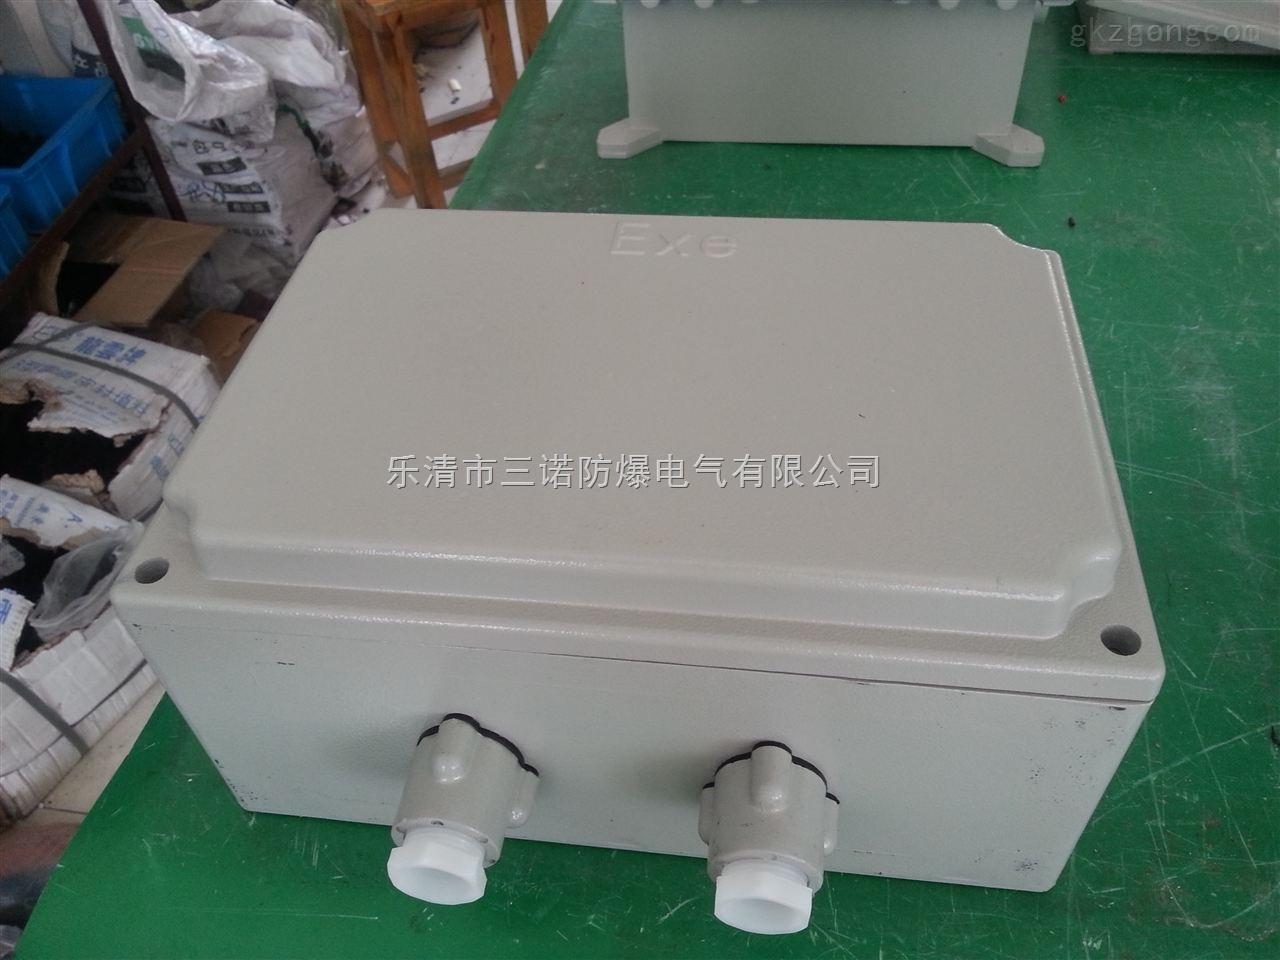 冰箱防爆接线端子箱 化工常规电压BJX接线箱 多功能防暴接线箱 三诺BJX防爆箱